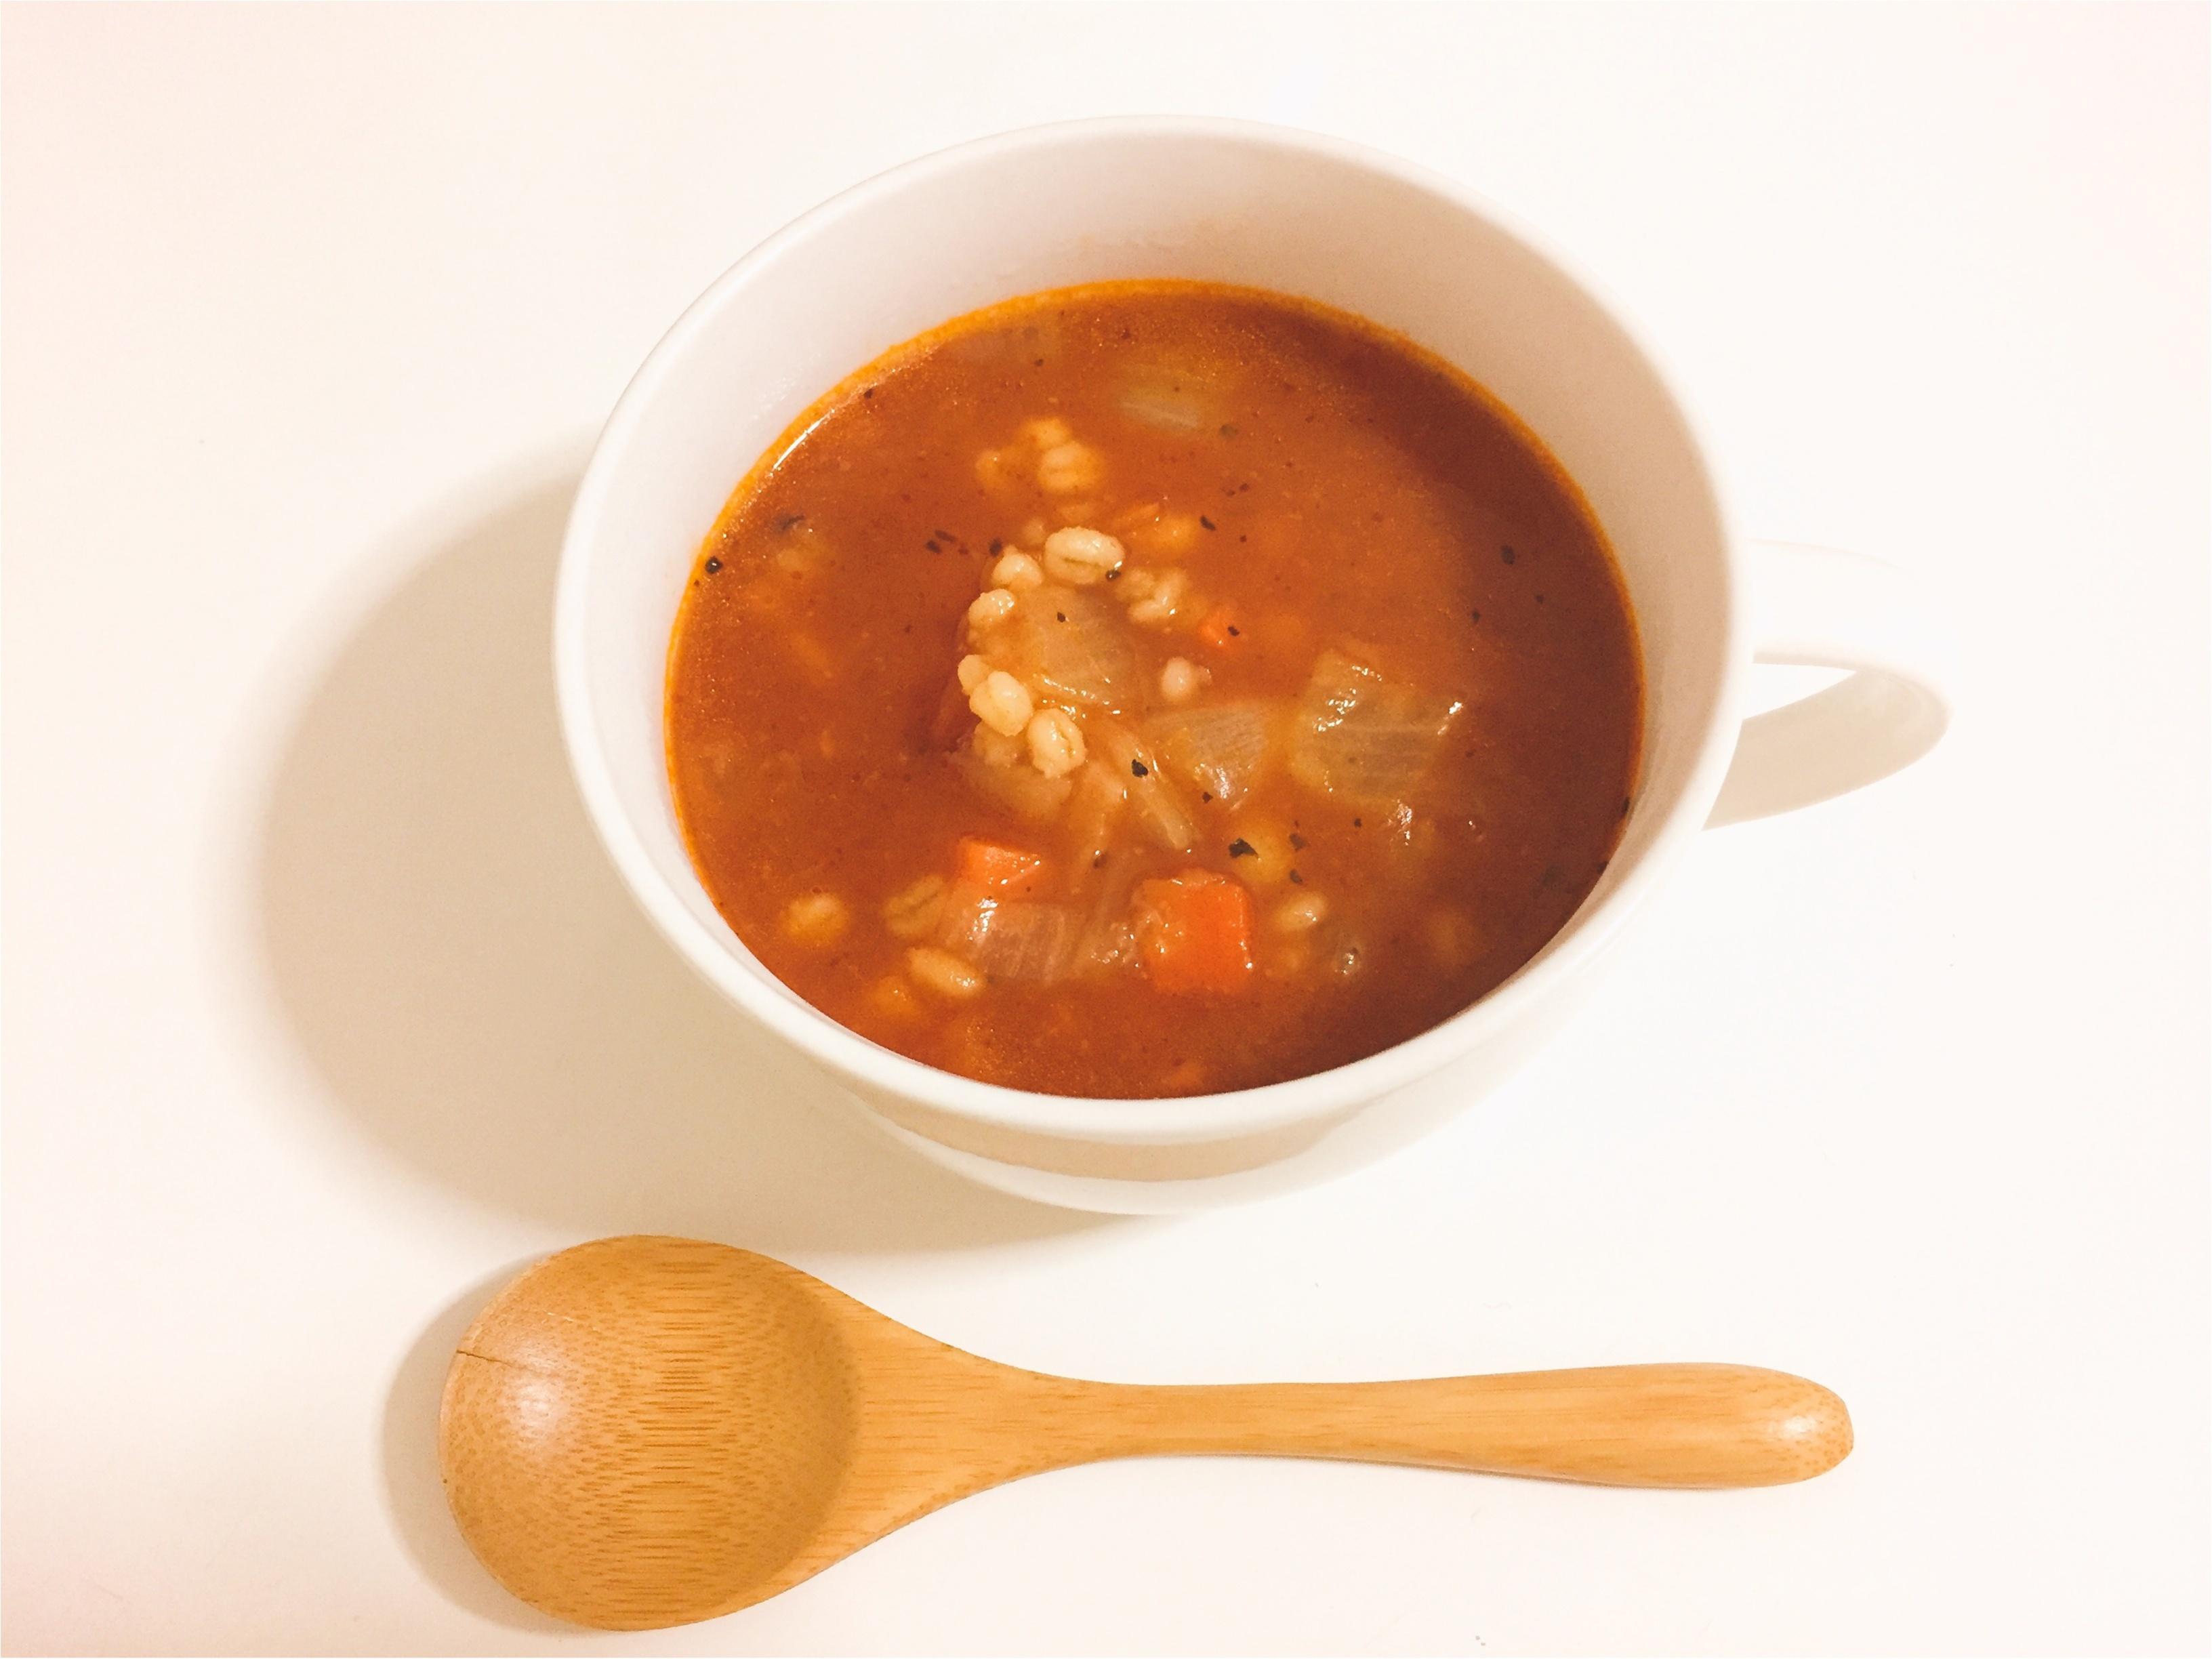 食べ過ぎた次の日には…電子レンジで簡単にできる!『朝のたべるスープ』がおすすめ♡*_2